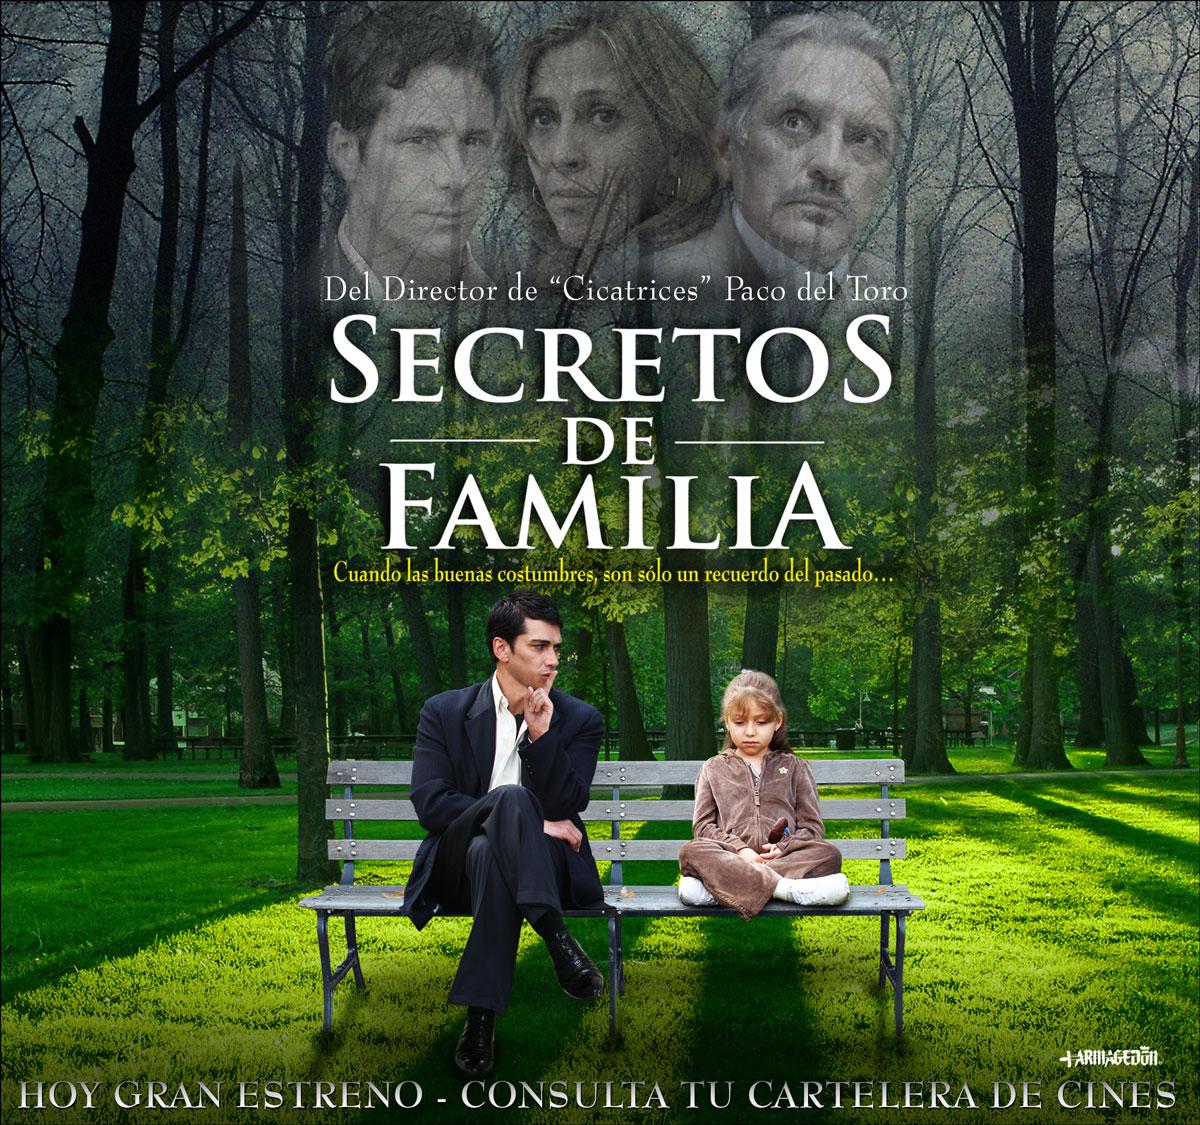 Ver Secretos de Familia capitulo 35 Viernes 15 de Octubre